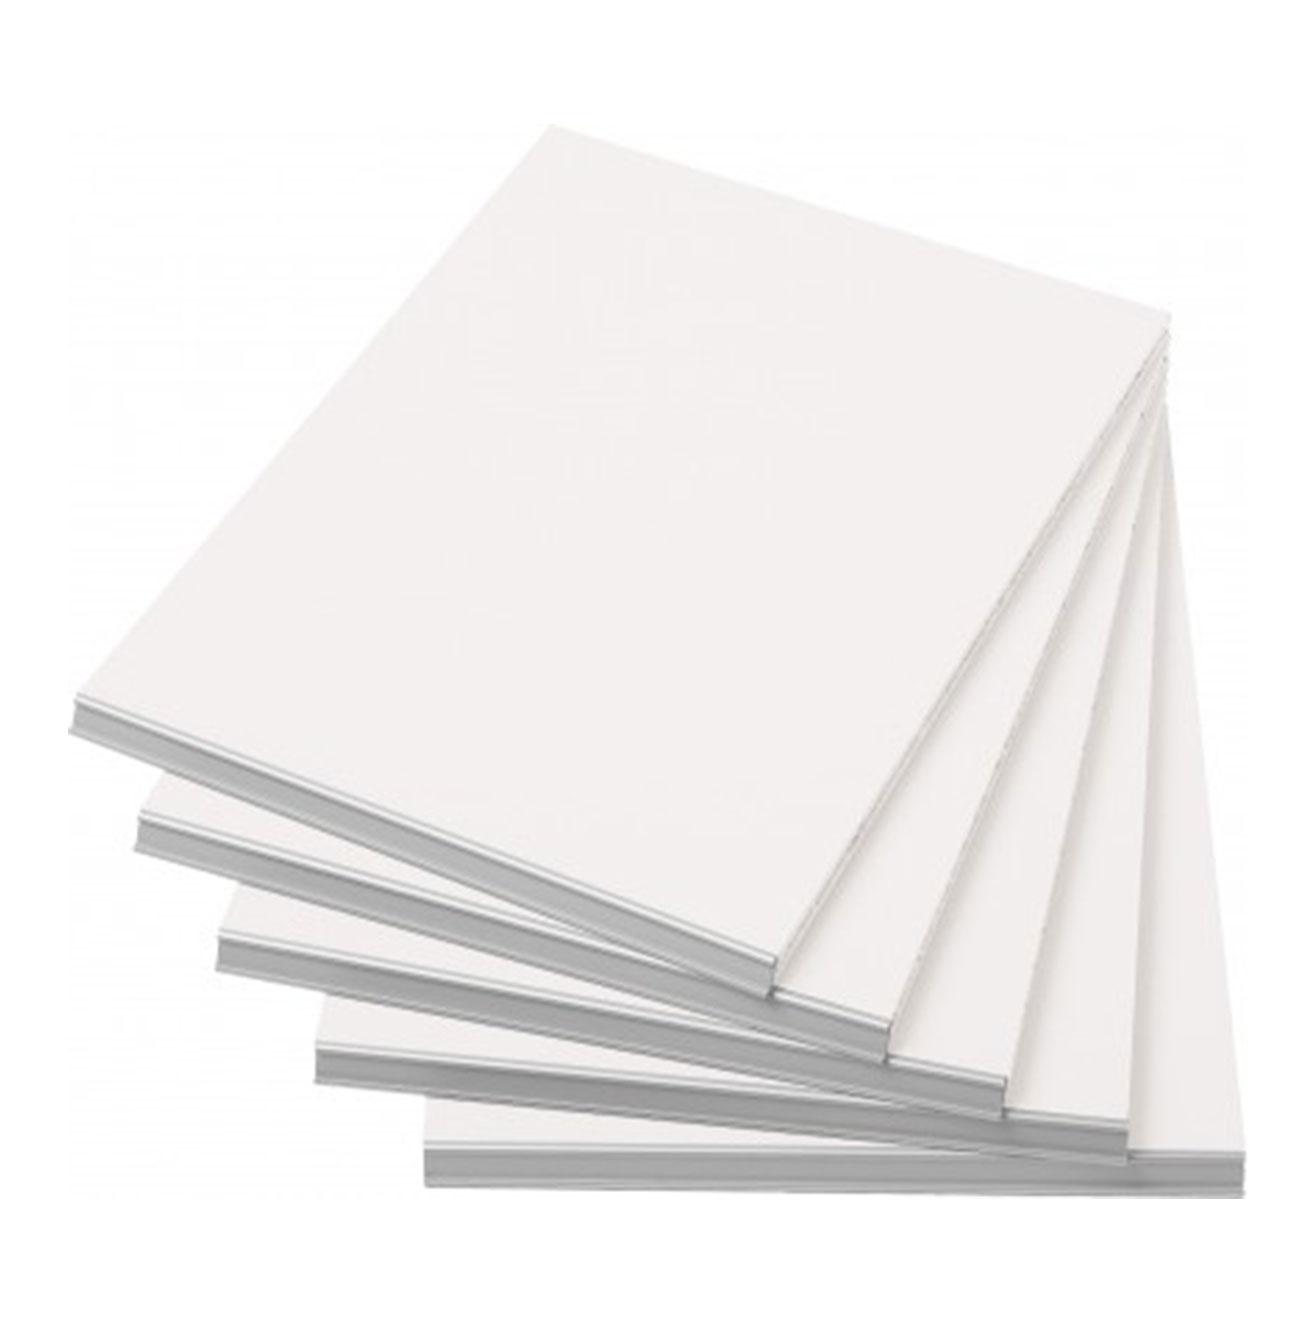 Extra adjustable shelving white